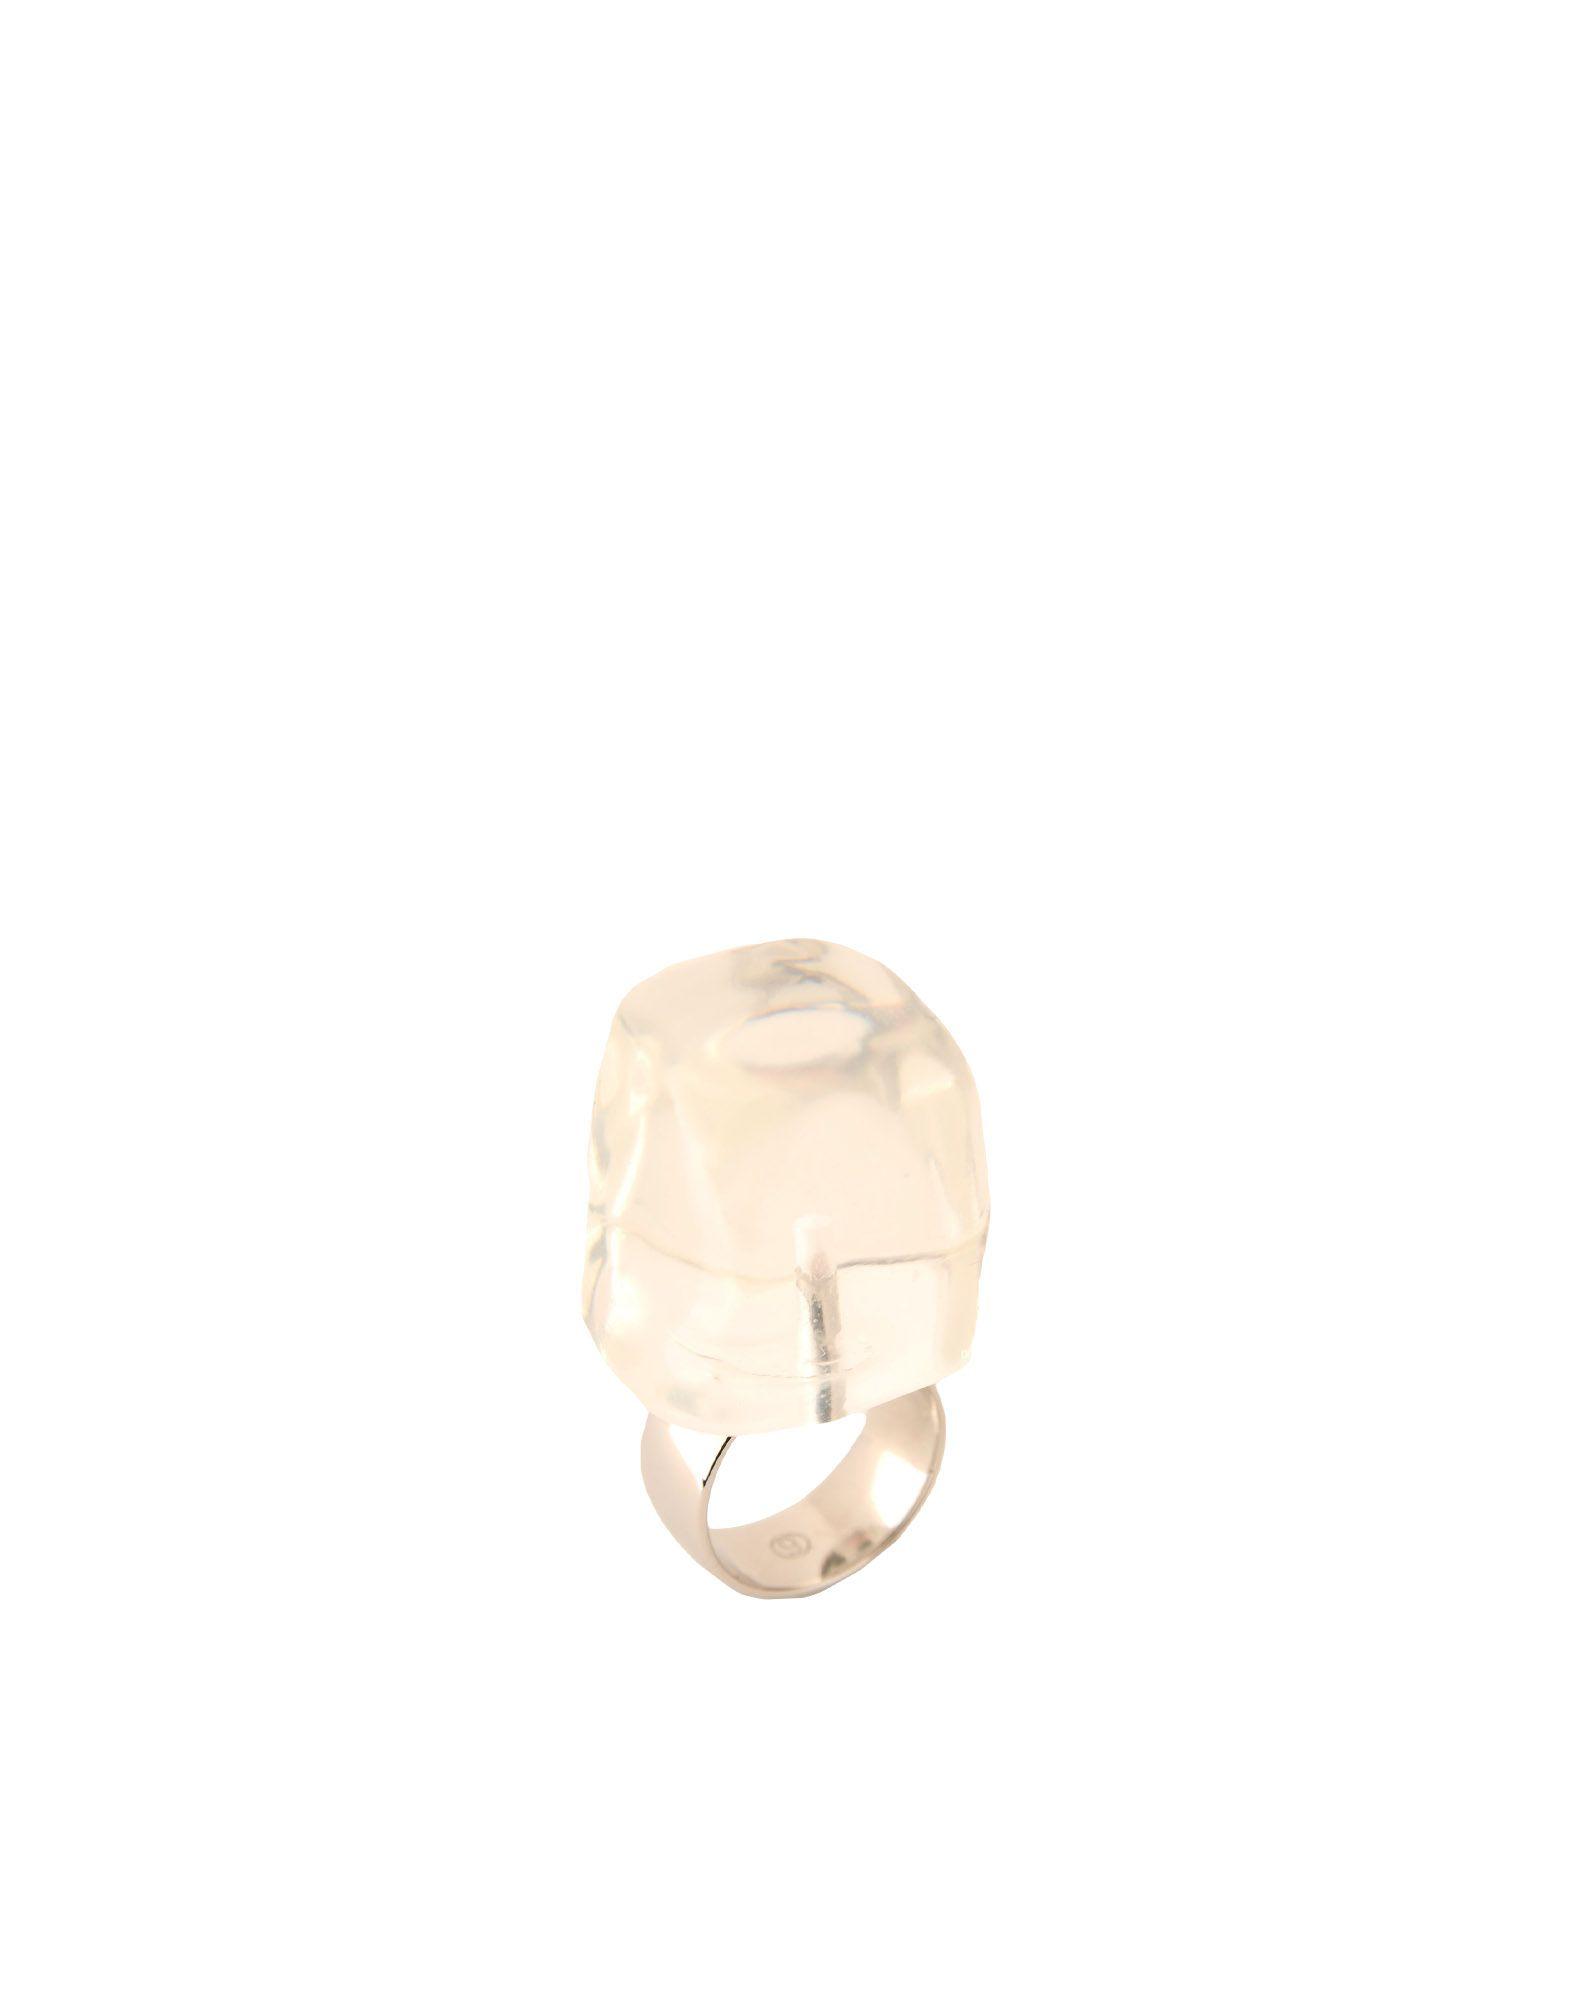 《送料無料》MM6 MAISON MARGIELA レディース 指輪 クリア S アクリル 100% / 真鍮/ブラス